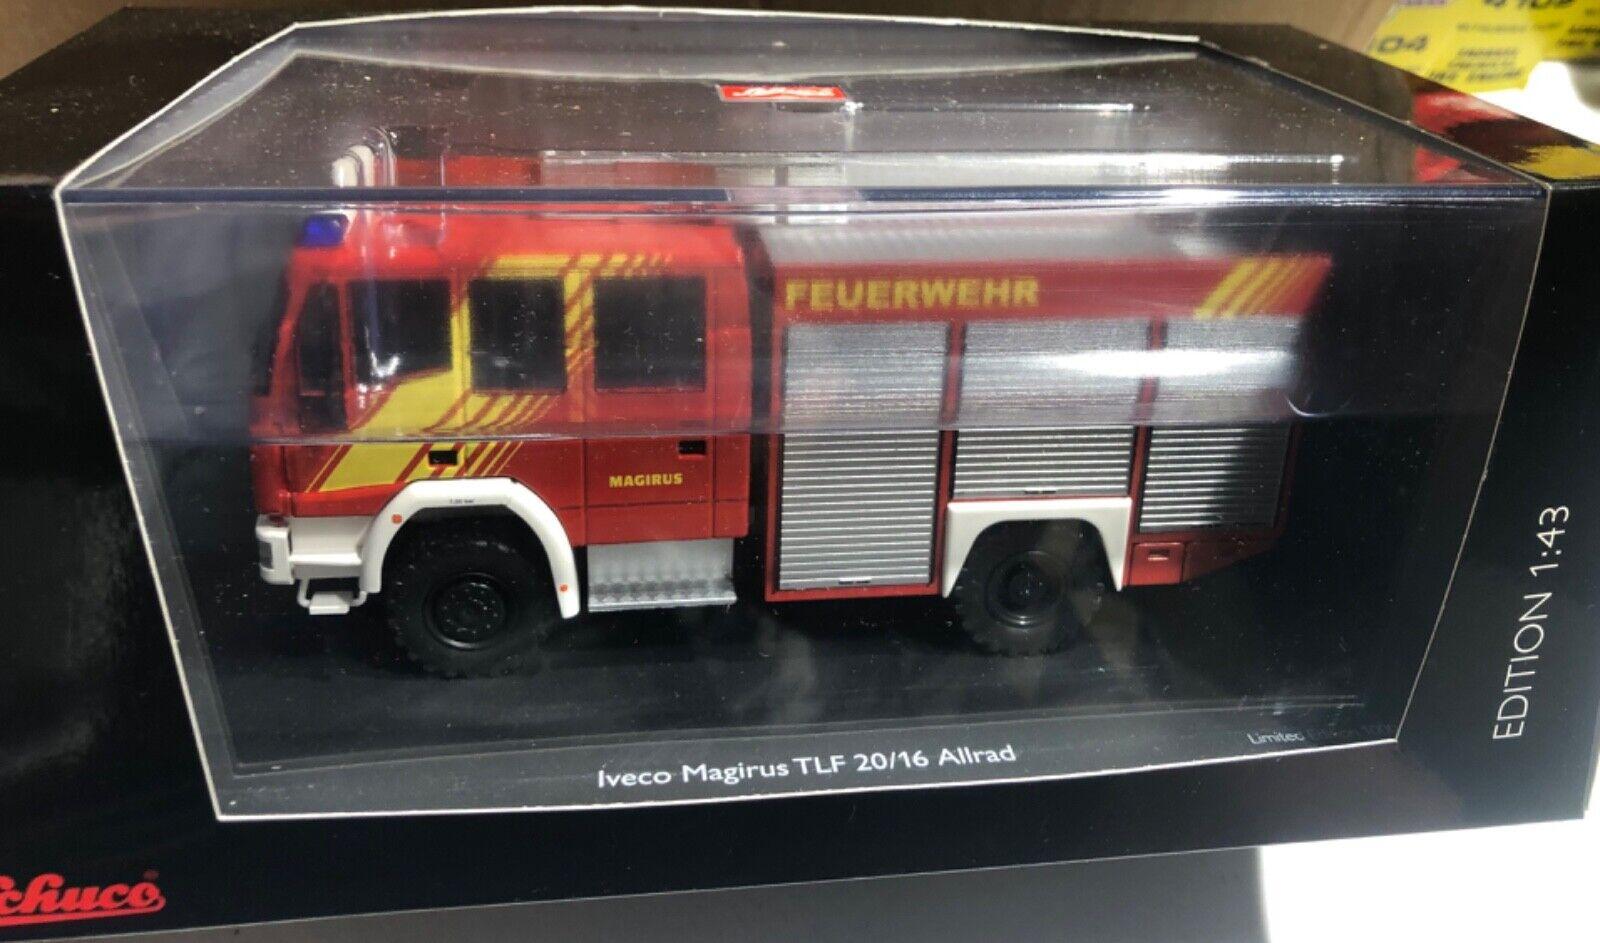 ti renderà soddisfatto Schuco Iveco Iveco Iveco Magiers HLF 20 16 Feuerwehr tuttirad 1 43 nuovo 'Sullys Hobbies'  da non perdere!